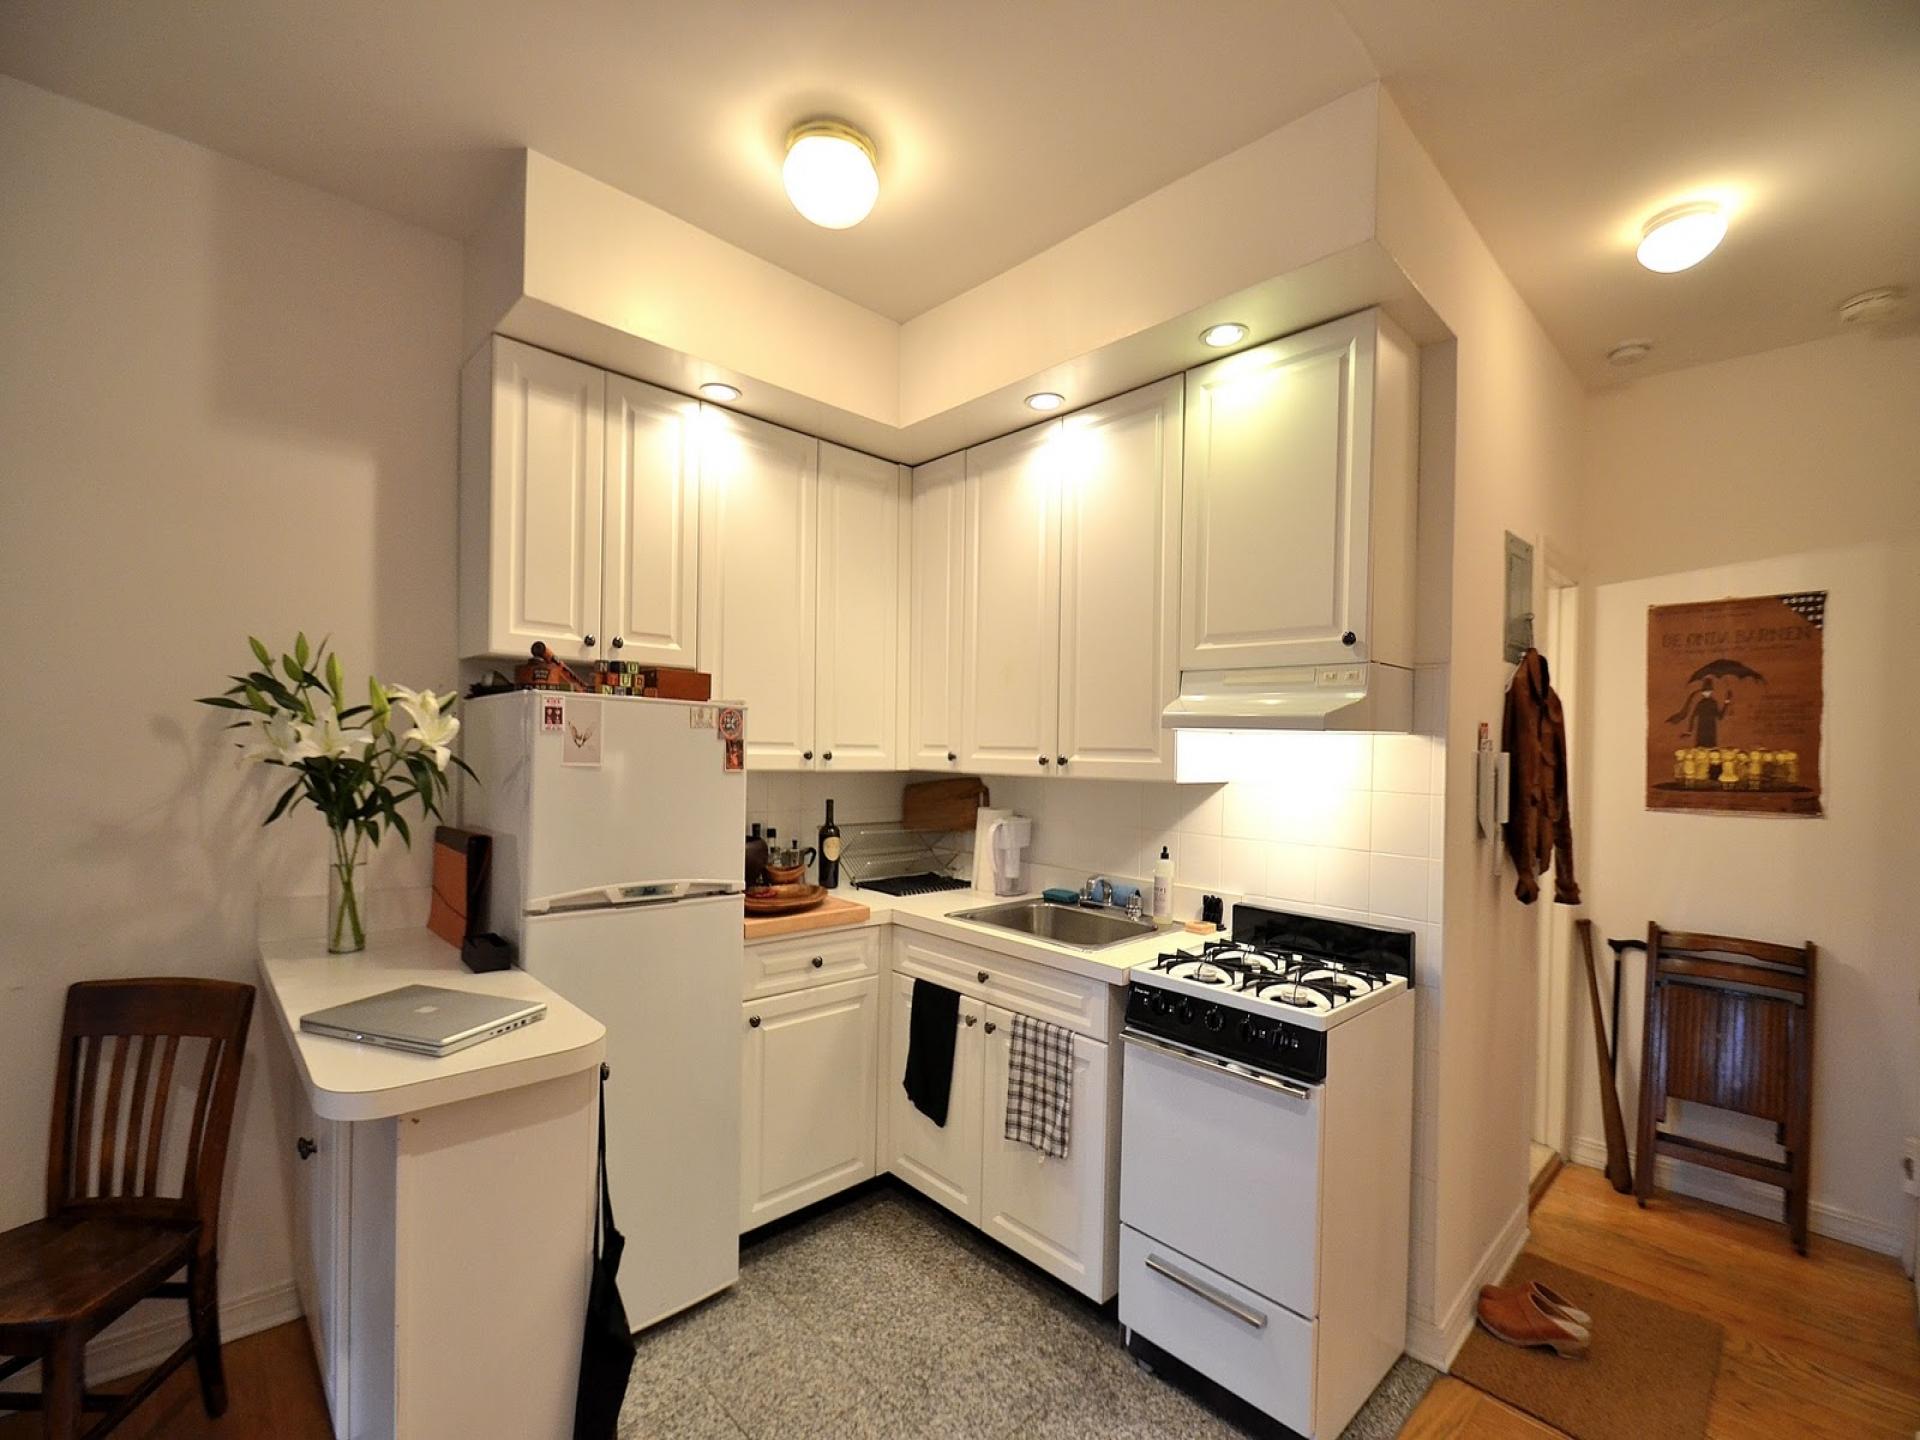 Общее и локальное освещение на кухне в однокомнатной квартире